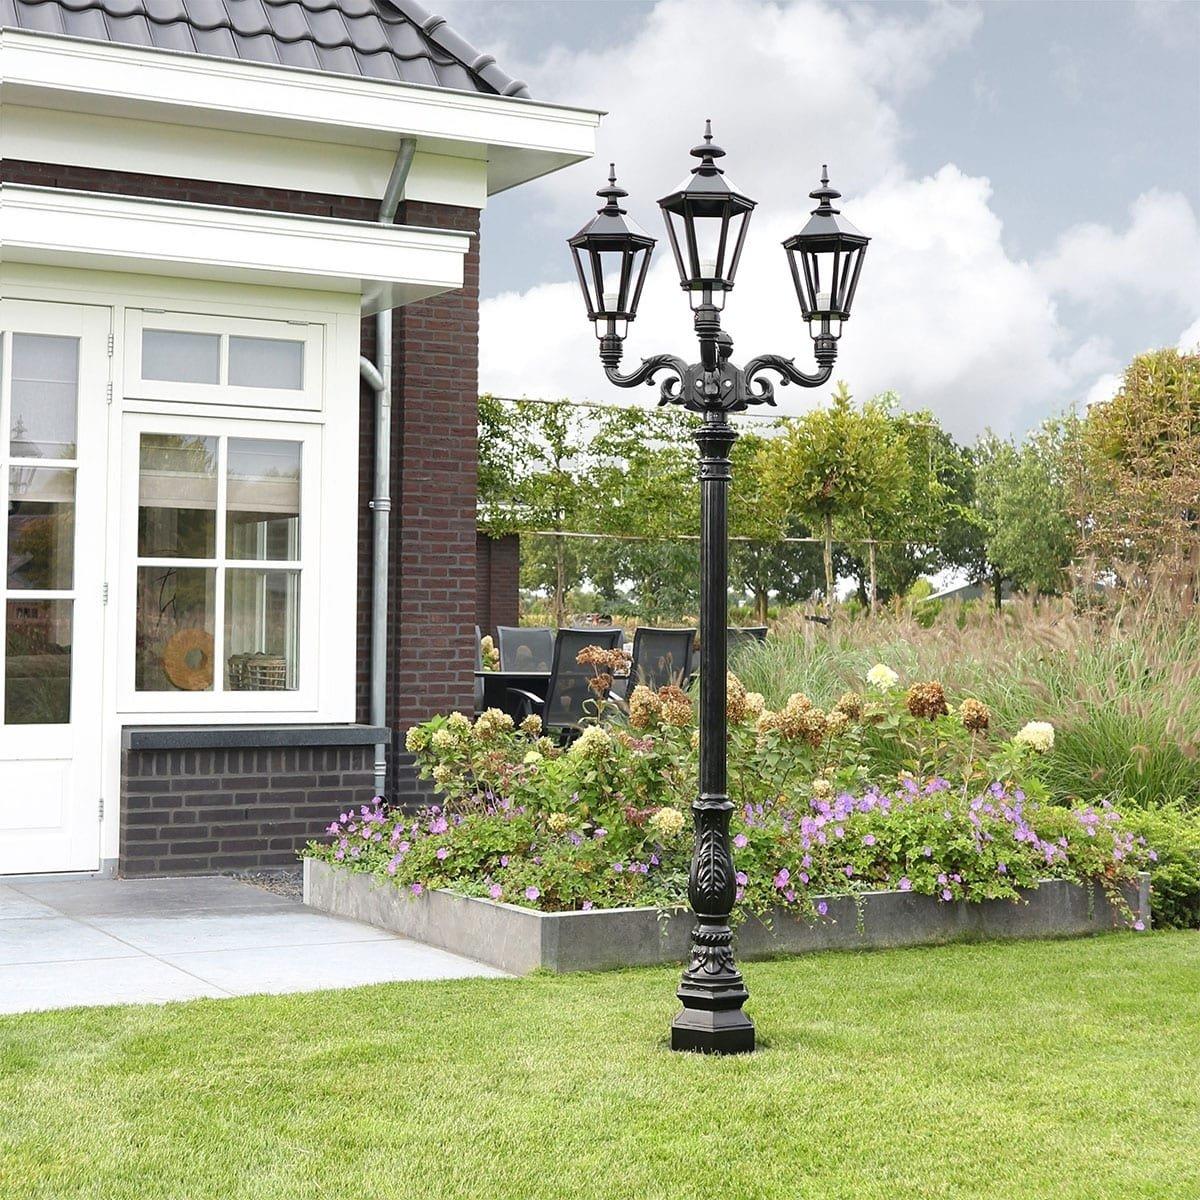 Außenbeleuchtung Klassisch Ländlich Gartenlaterne Emmeloord 3-licht - 235 cm